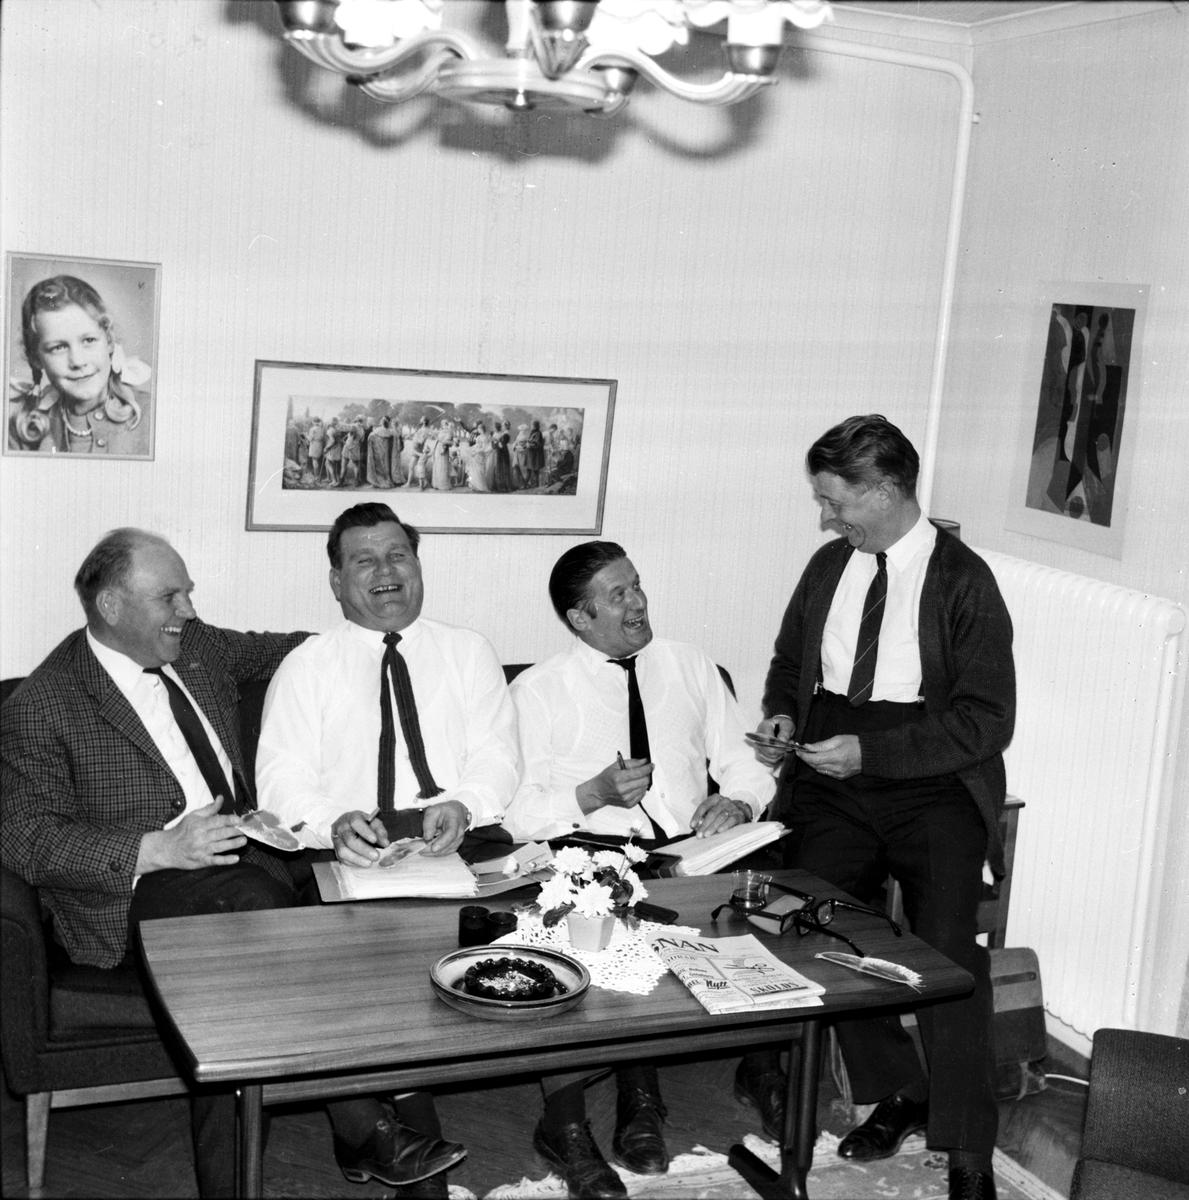 Arbrå, Lionstyrelsen ordnar för Röda Fjädern, April 1969